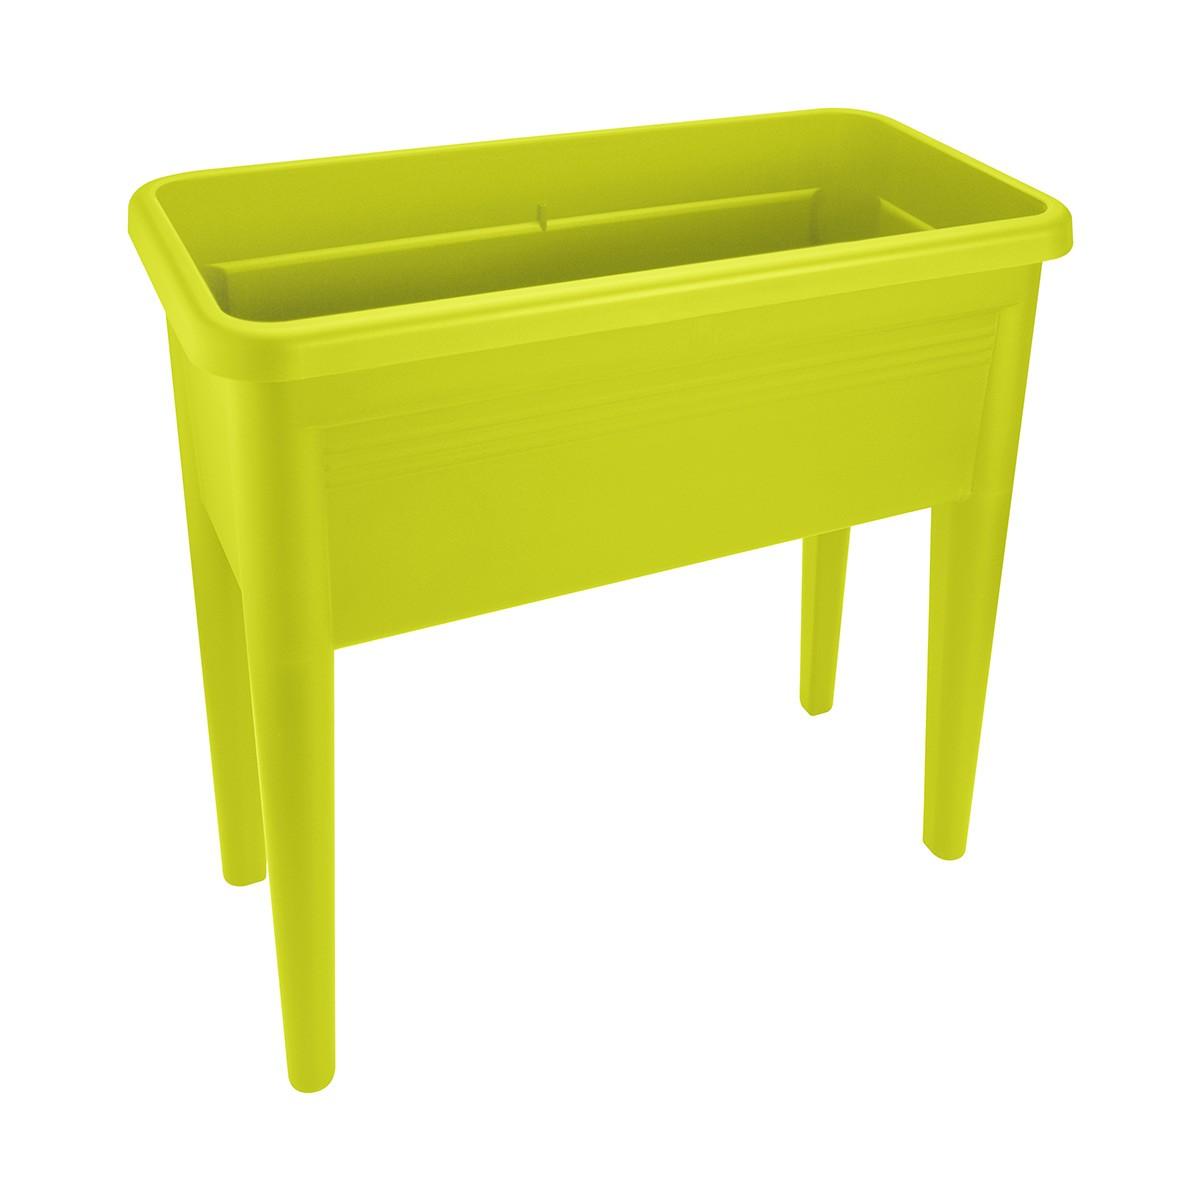 potager pied achat vente de potager pas cher. Black Bedroom Furniture Sets. Home Design Ideas